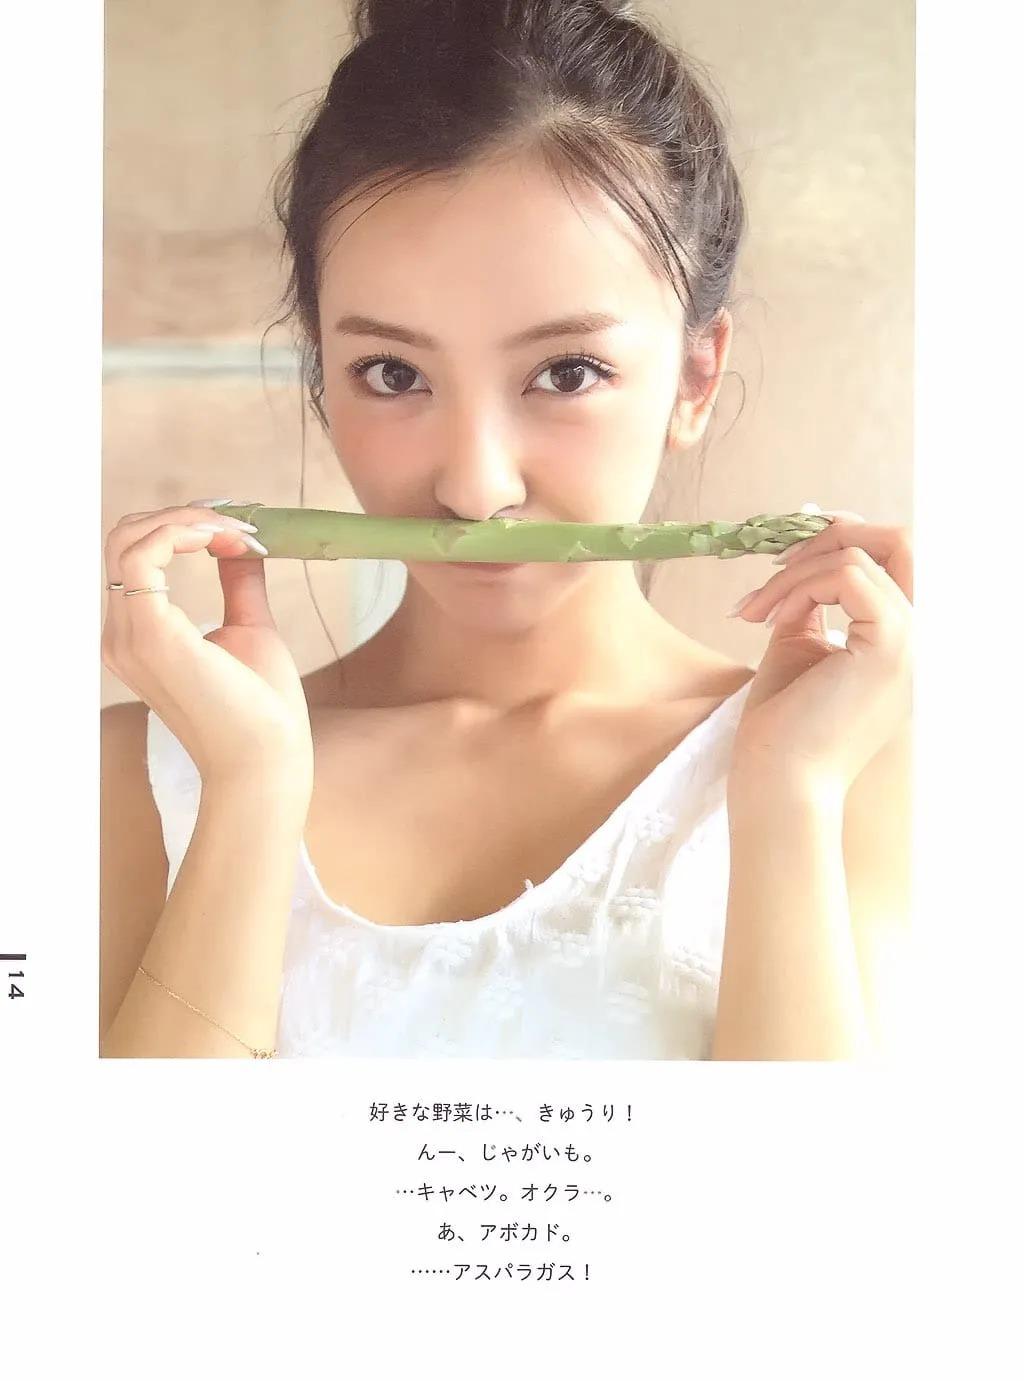 日本AKB48初代神7之一的板野友美突然闪婚,丈夫居然还比自己小6岁 (8)